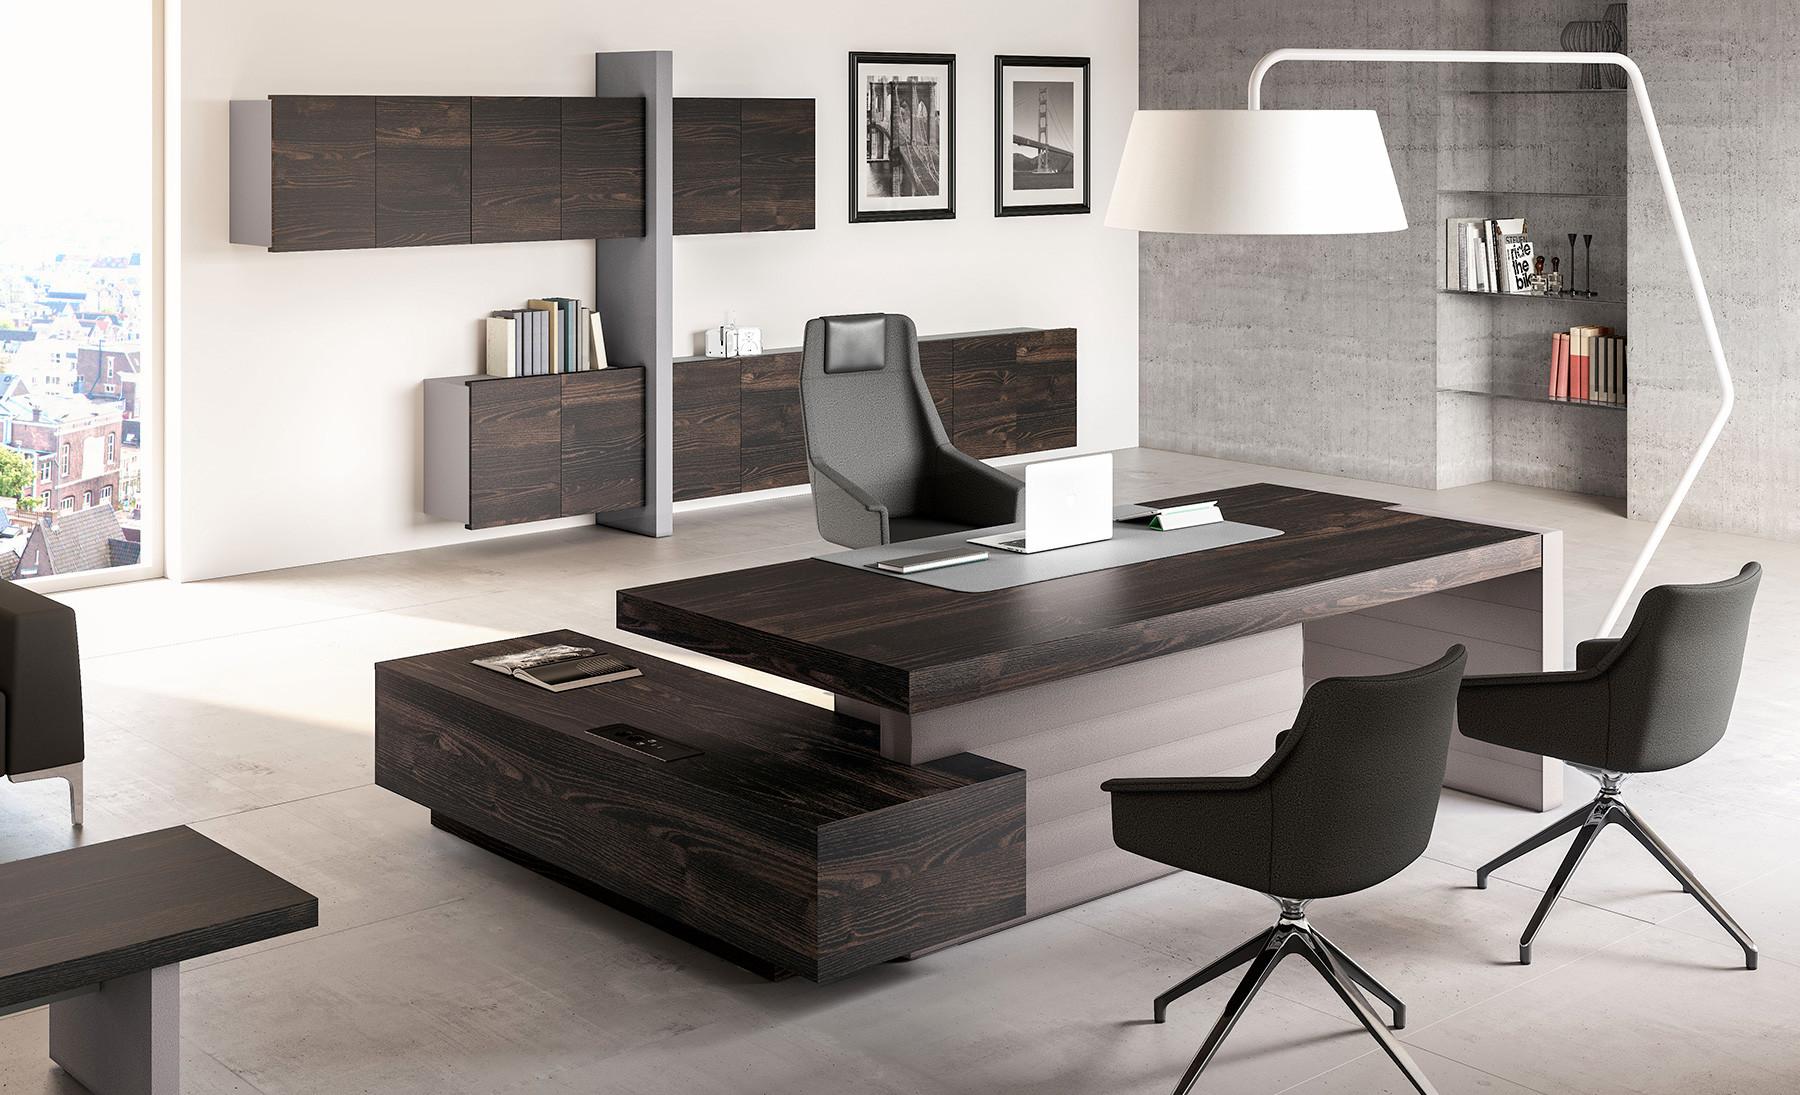 Great un buon ufficio un ambiente alluinterno del quale deve essere piacevole lavorare e - Come arredare un ufficio moderno ...